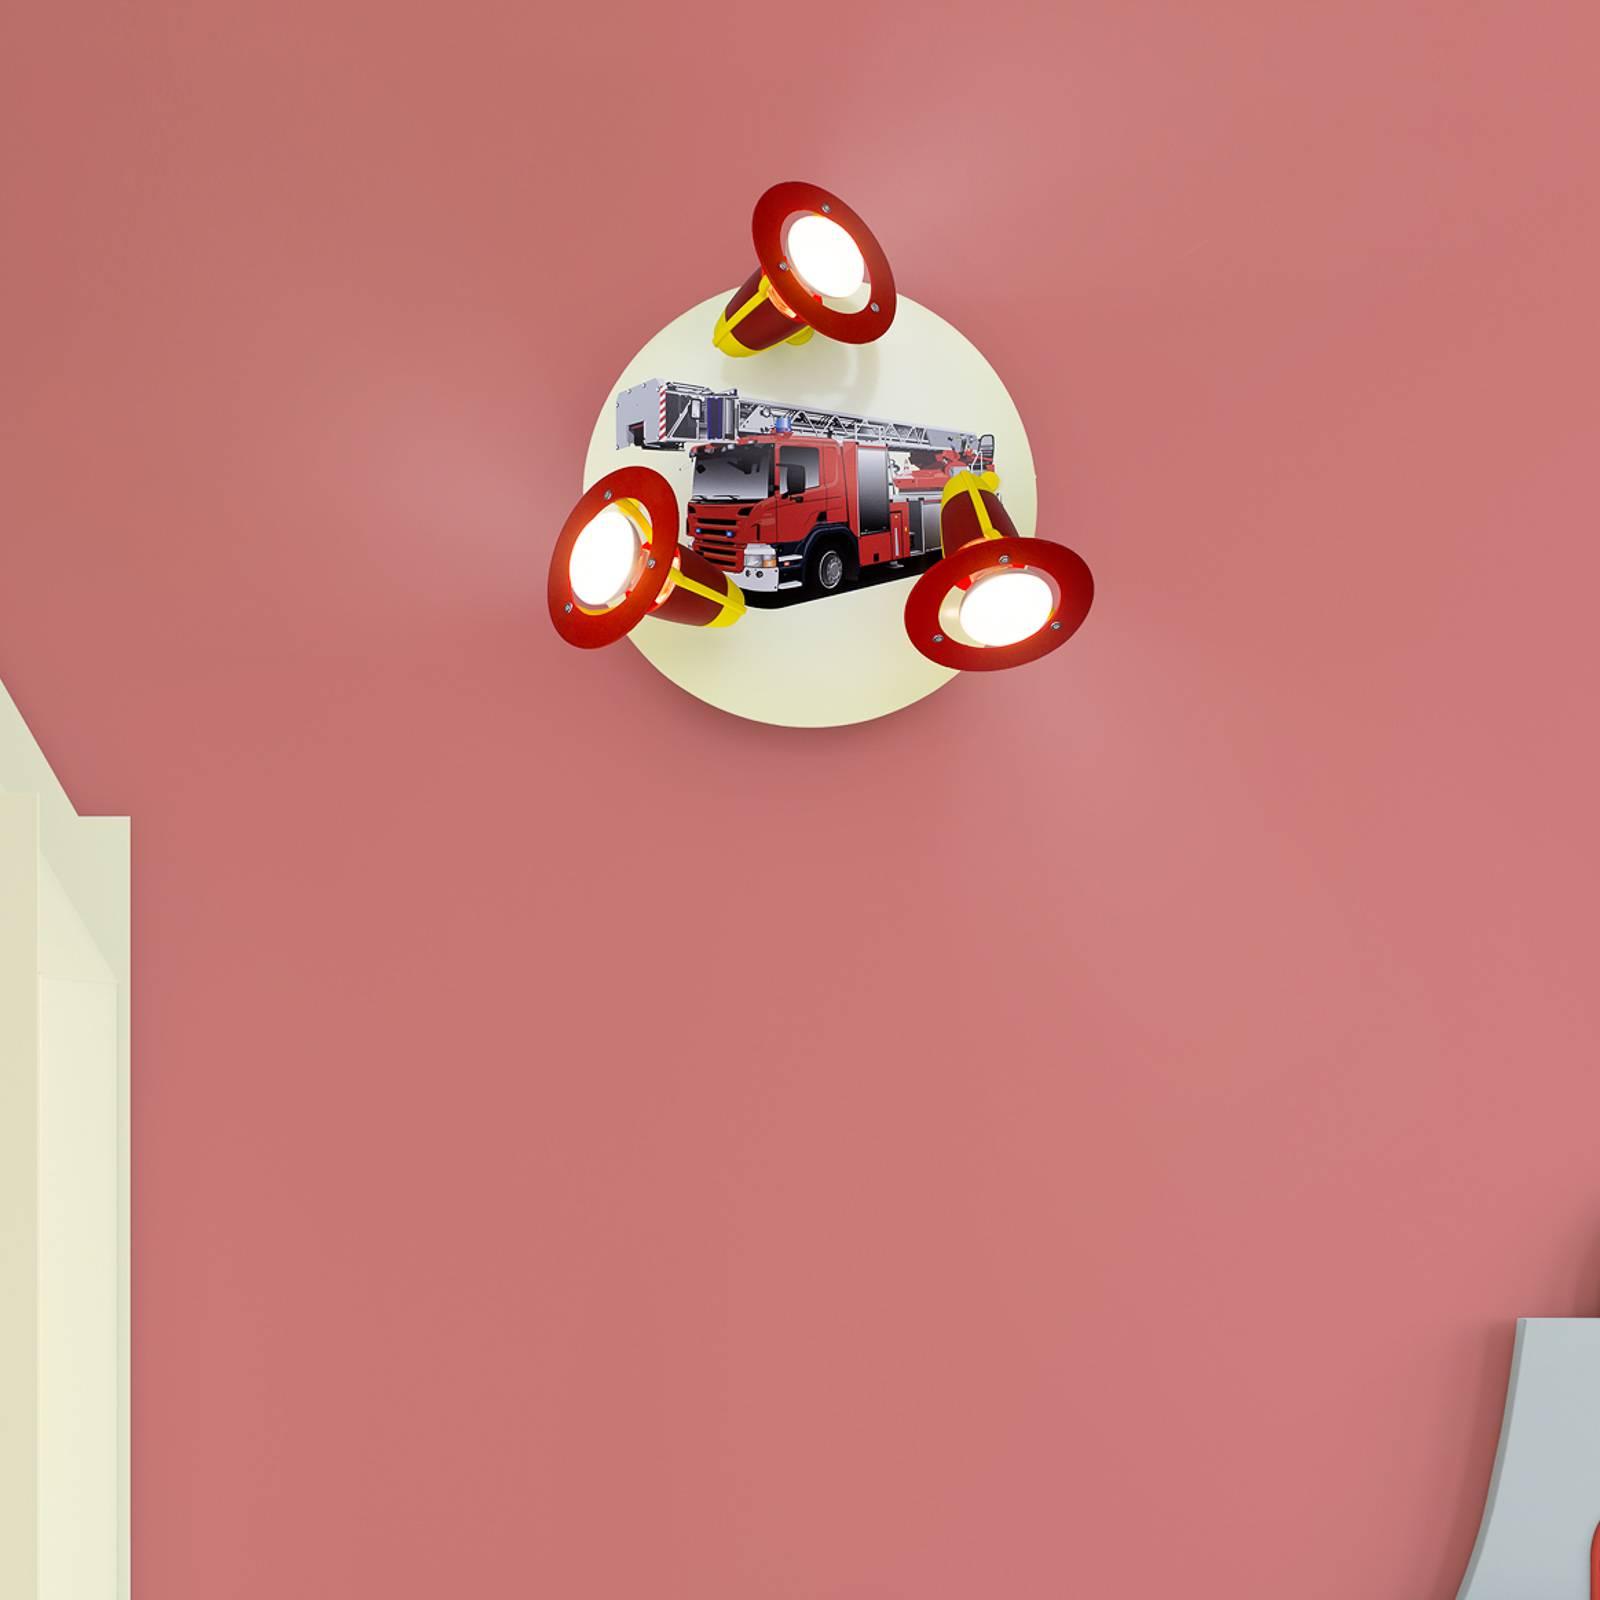 Seinälamppu Paloauto, puna-keltainen, 3-lamppuinen